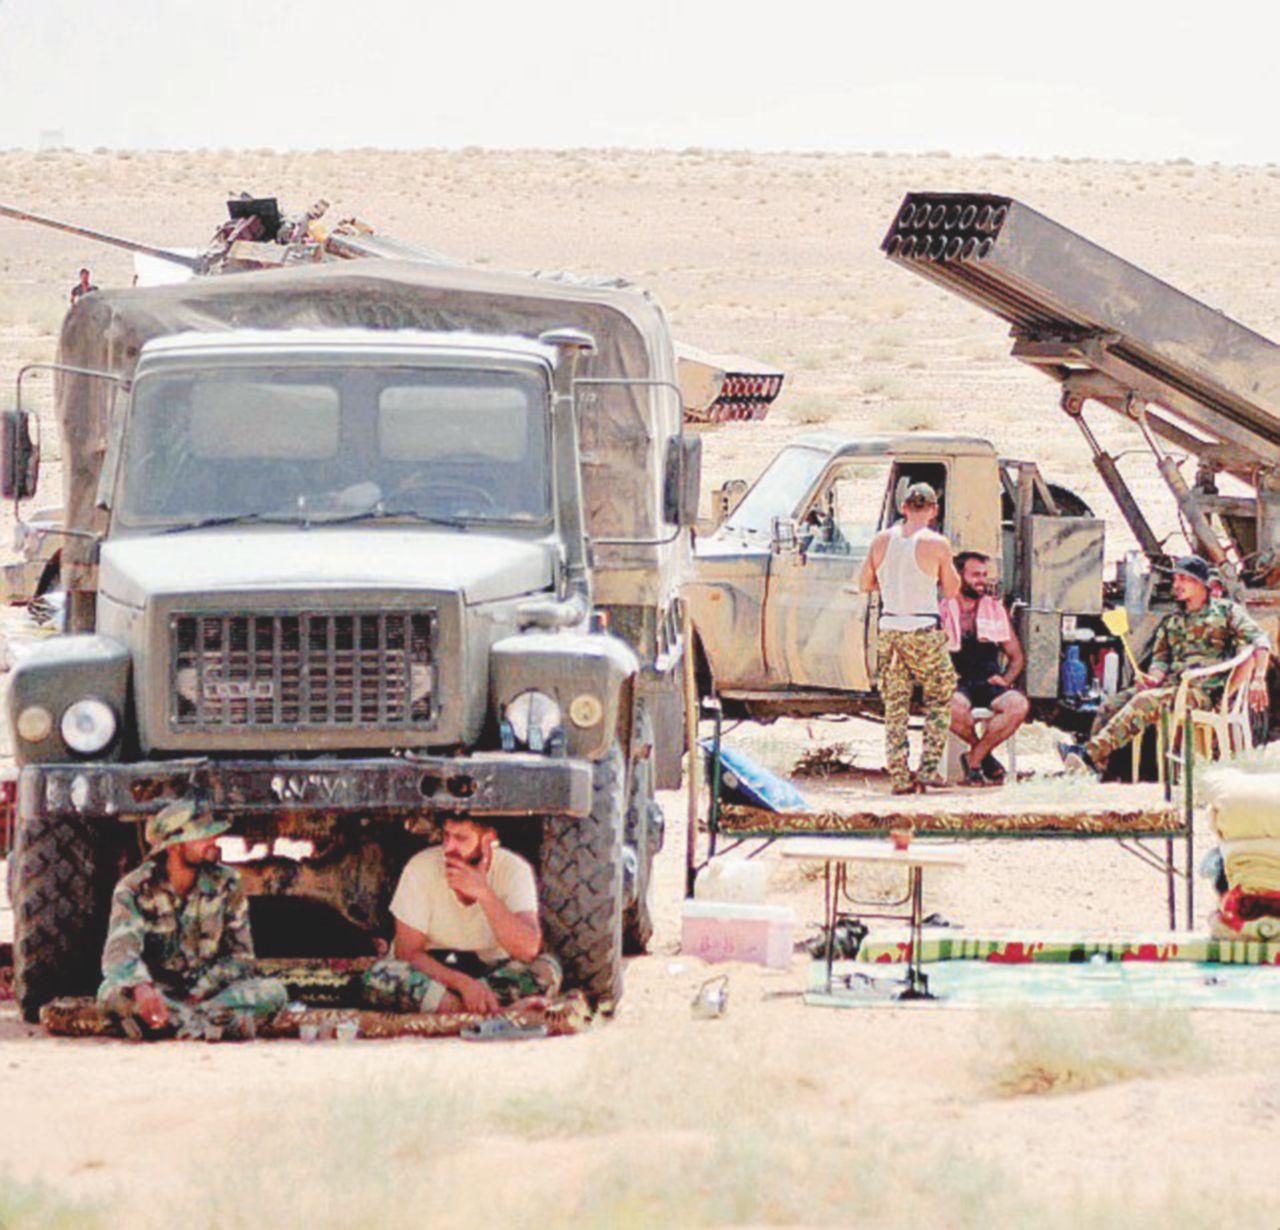 Chi vincerà la guerra all'Isis? Corsa tra curdo-americani e russo-siriani per l'oro nero